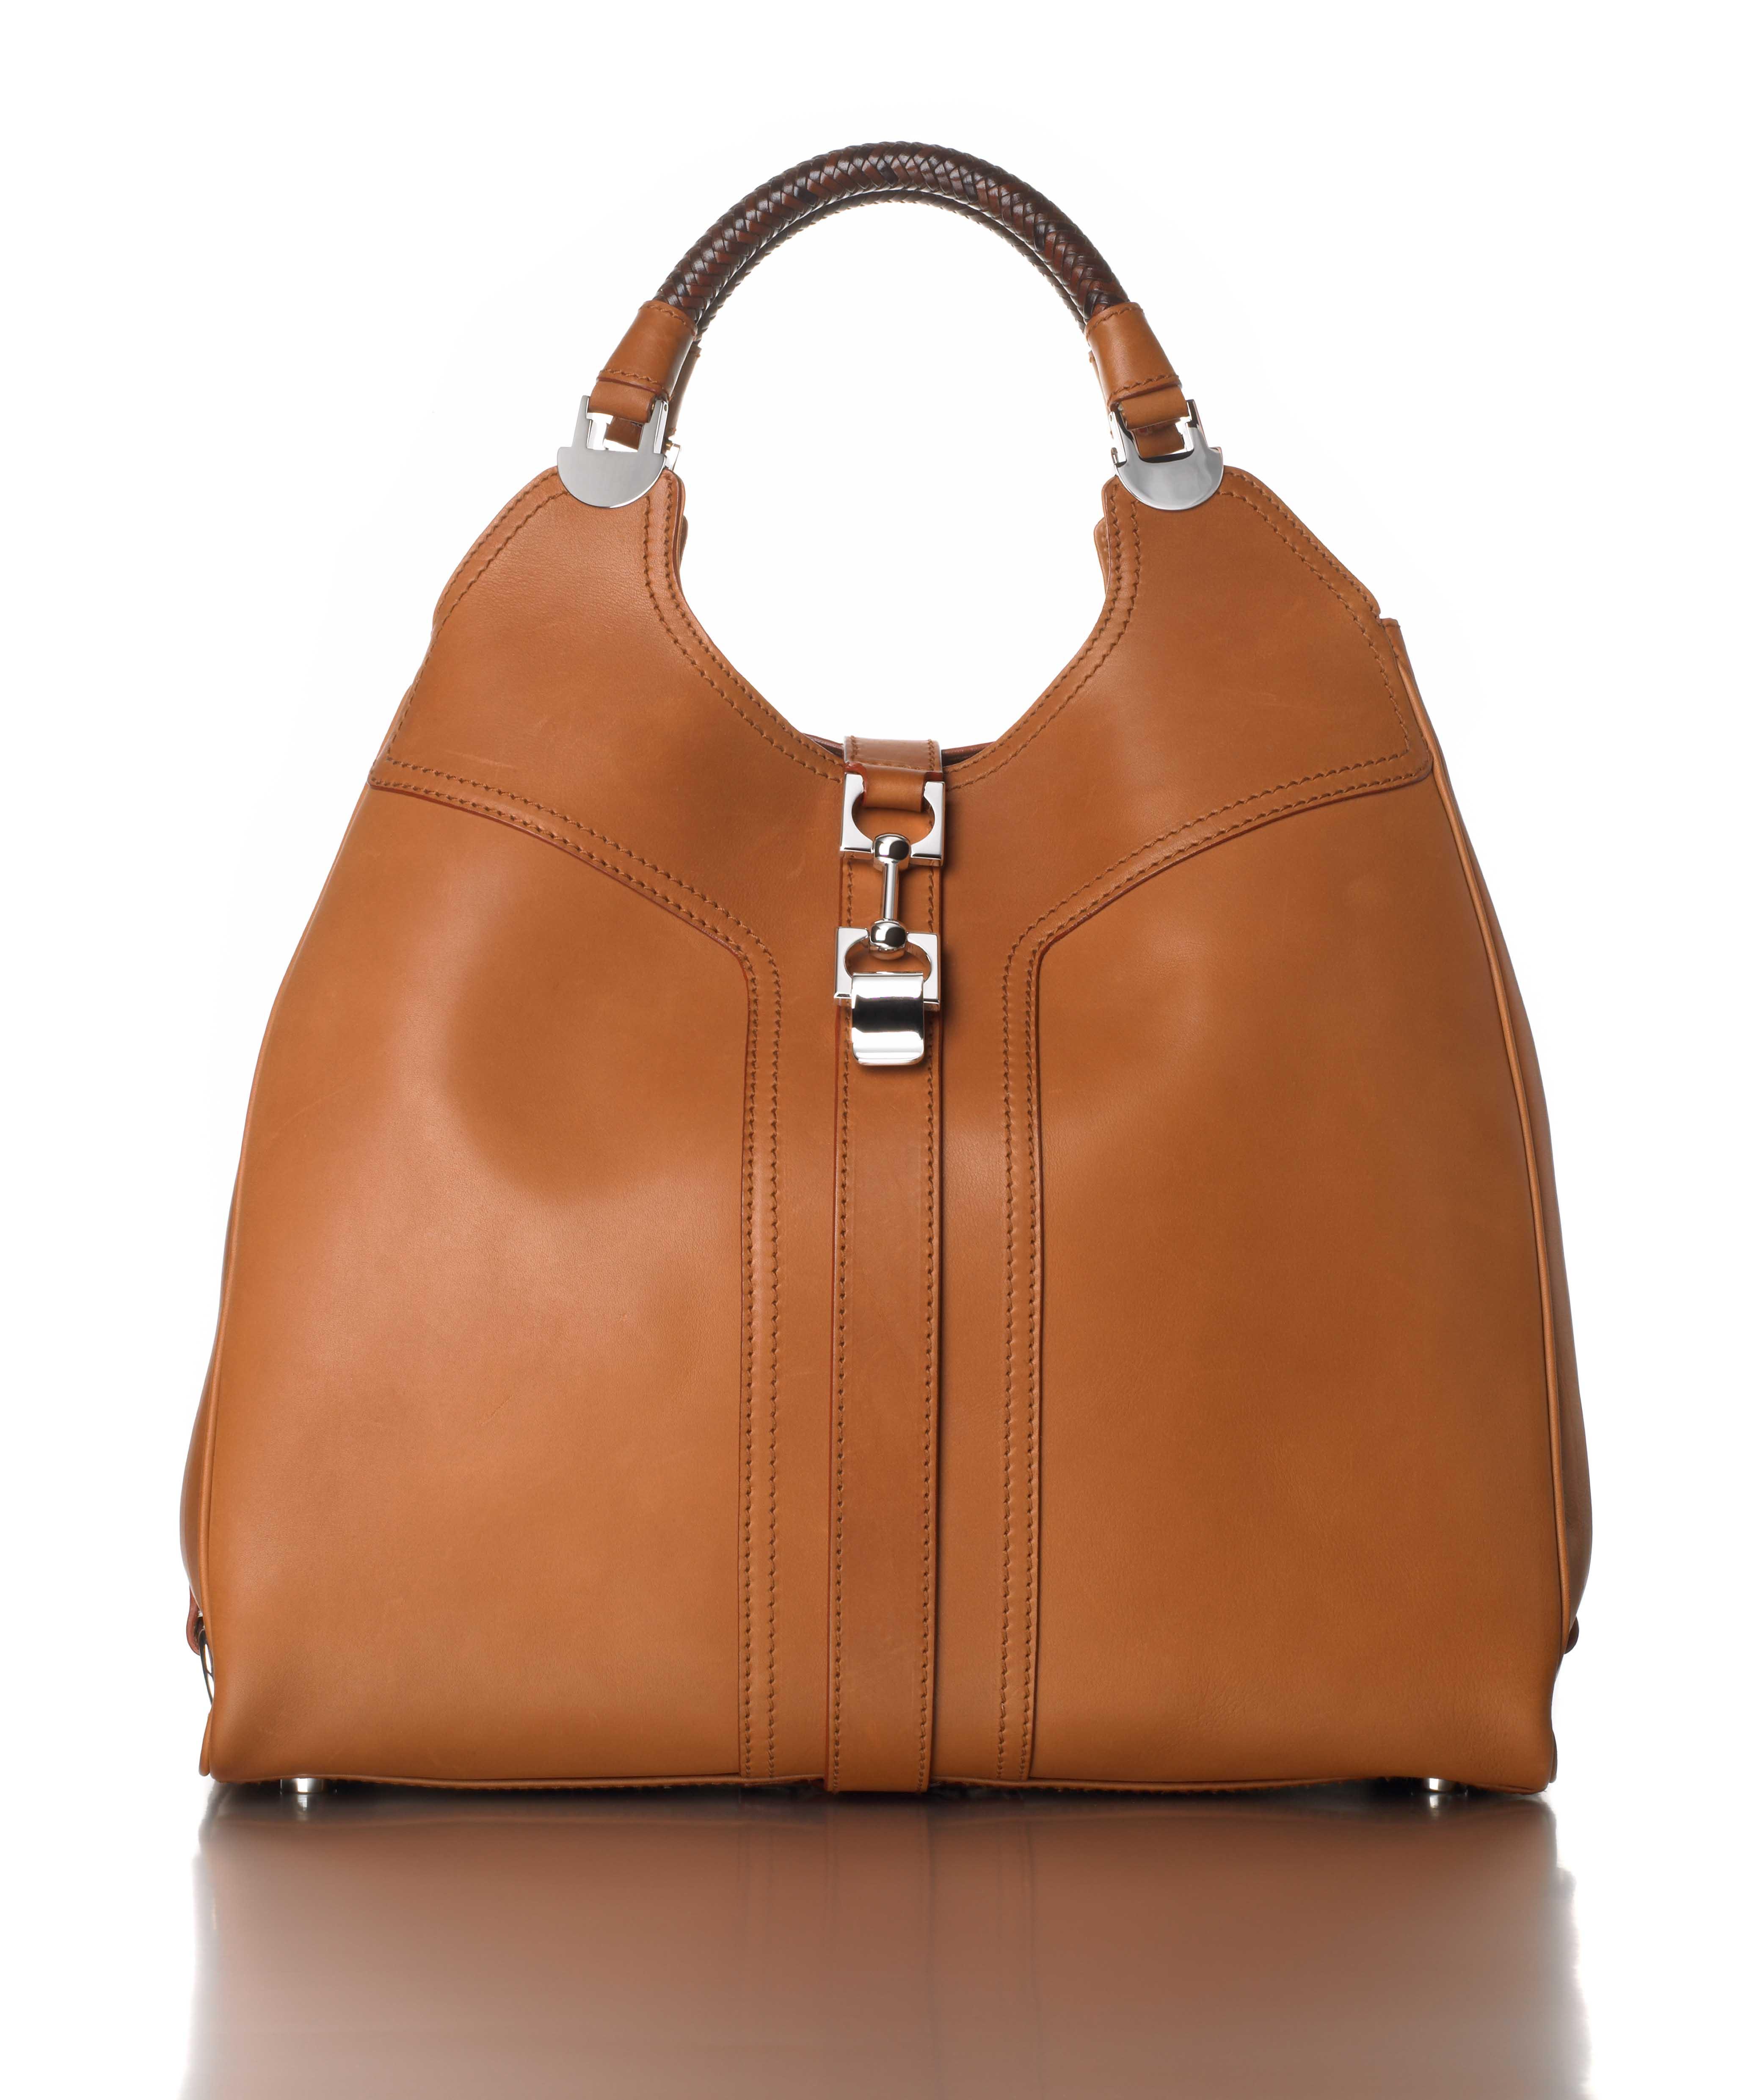 The 1709 Blog: New York clamps down on fake handbags